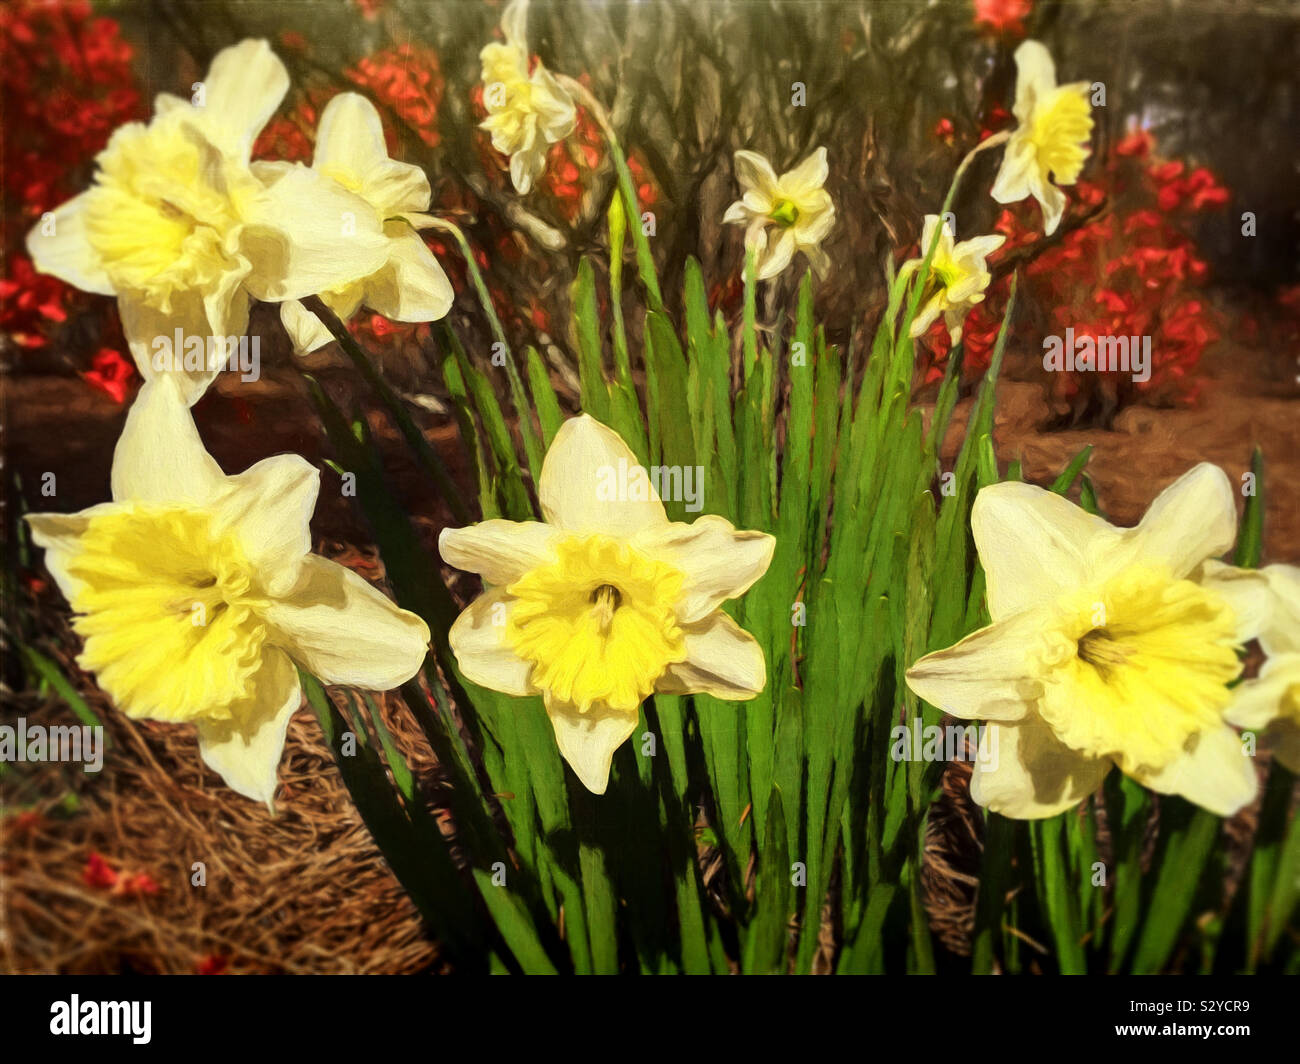 Un mazzetto di fiori daffodil in fiore in un esterno informale area giardino. Questa immagine ha una texture pittorica di effetto. Foto Stock